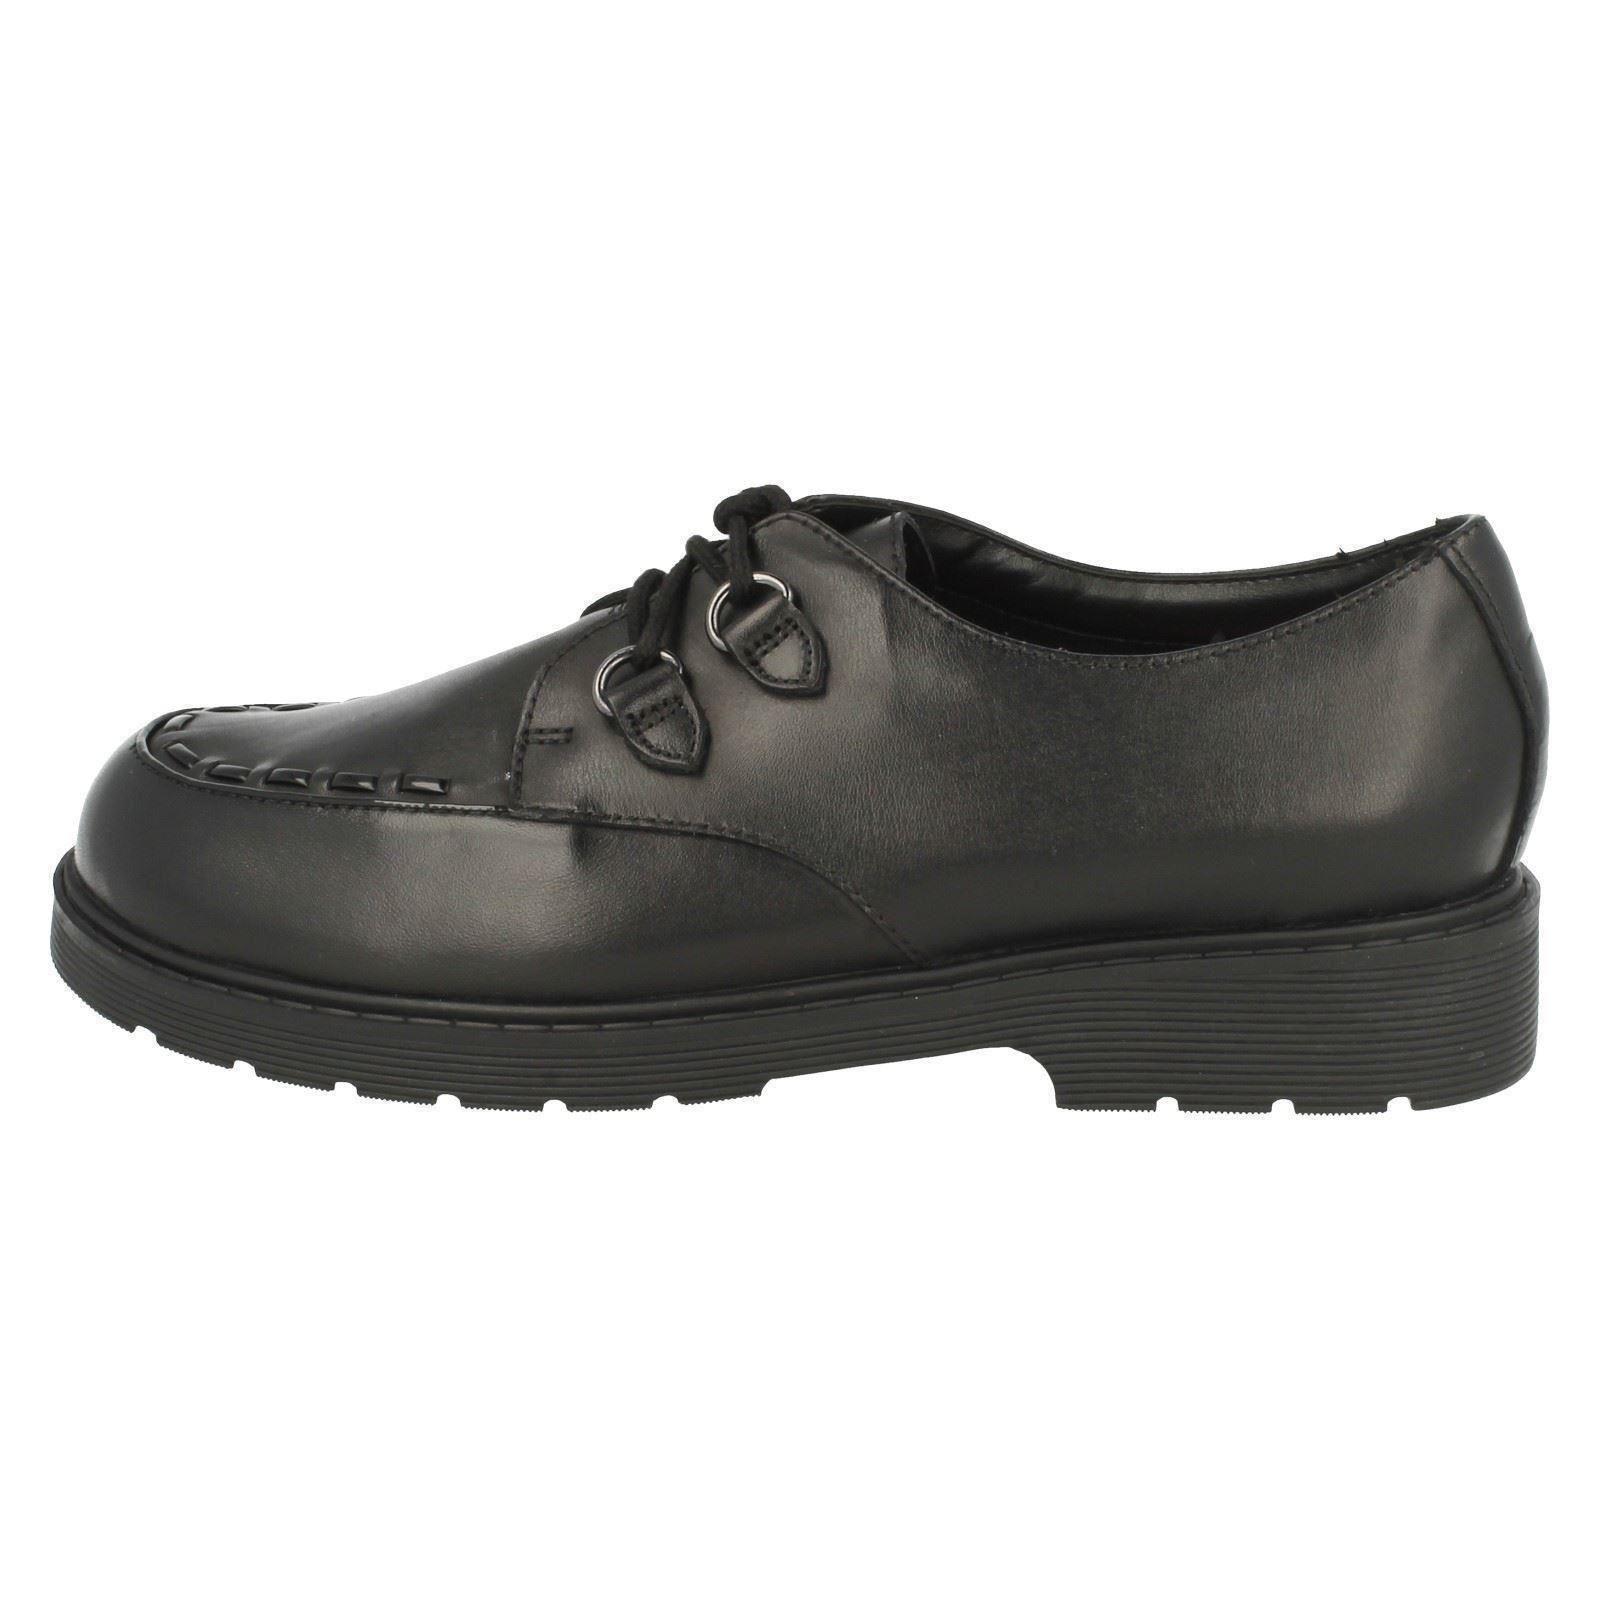 las Black Jo pirata zapatillas Clarks de por purley la Niñas escuela qgUaEf